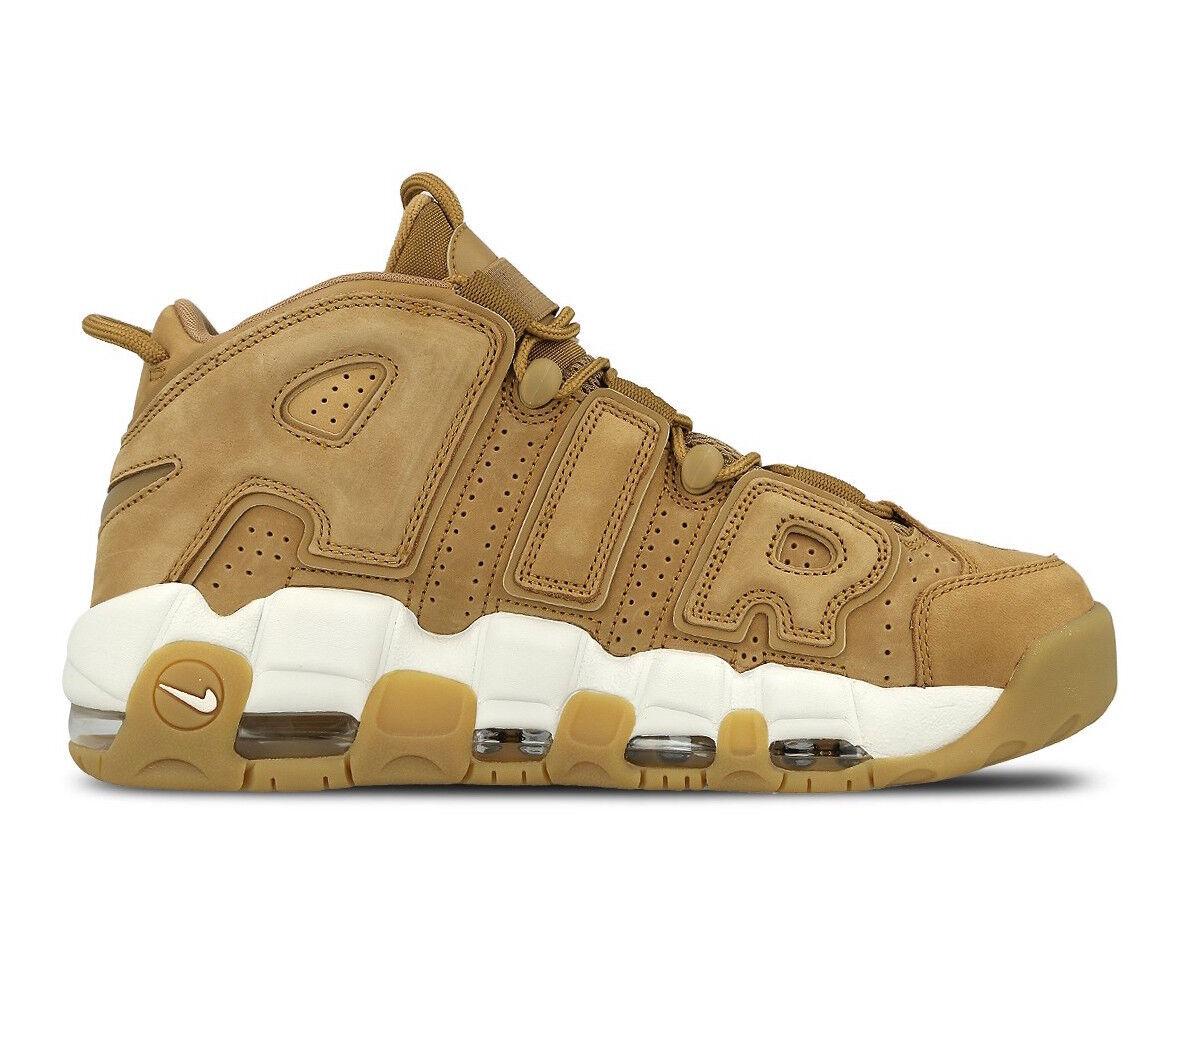 Hommes Nike Air More Uptempo Uptempo Uptempo '96 Premium